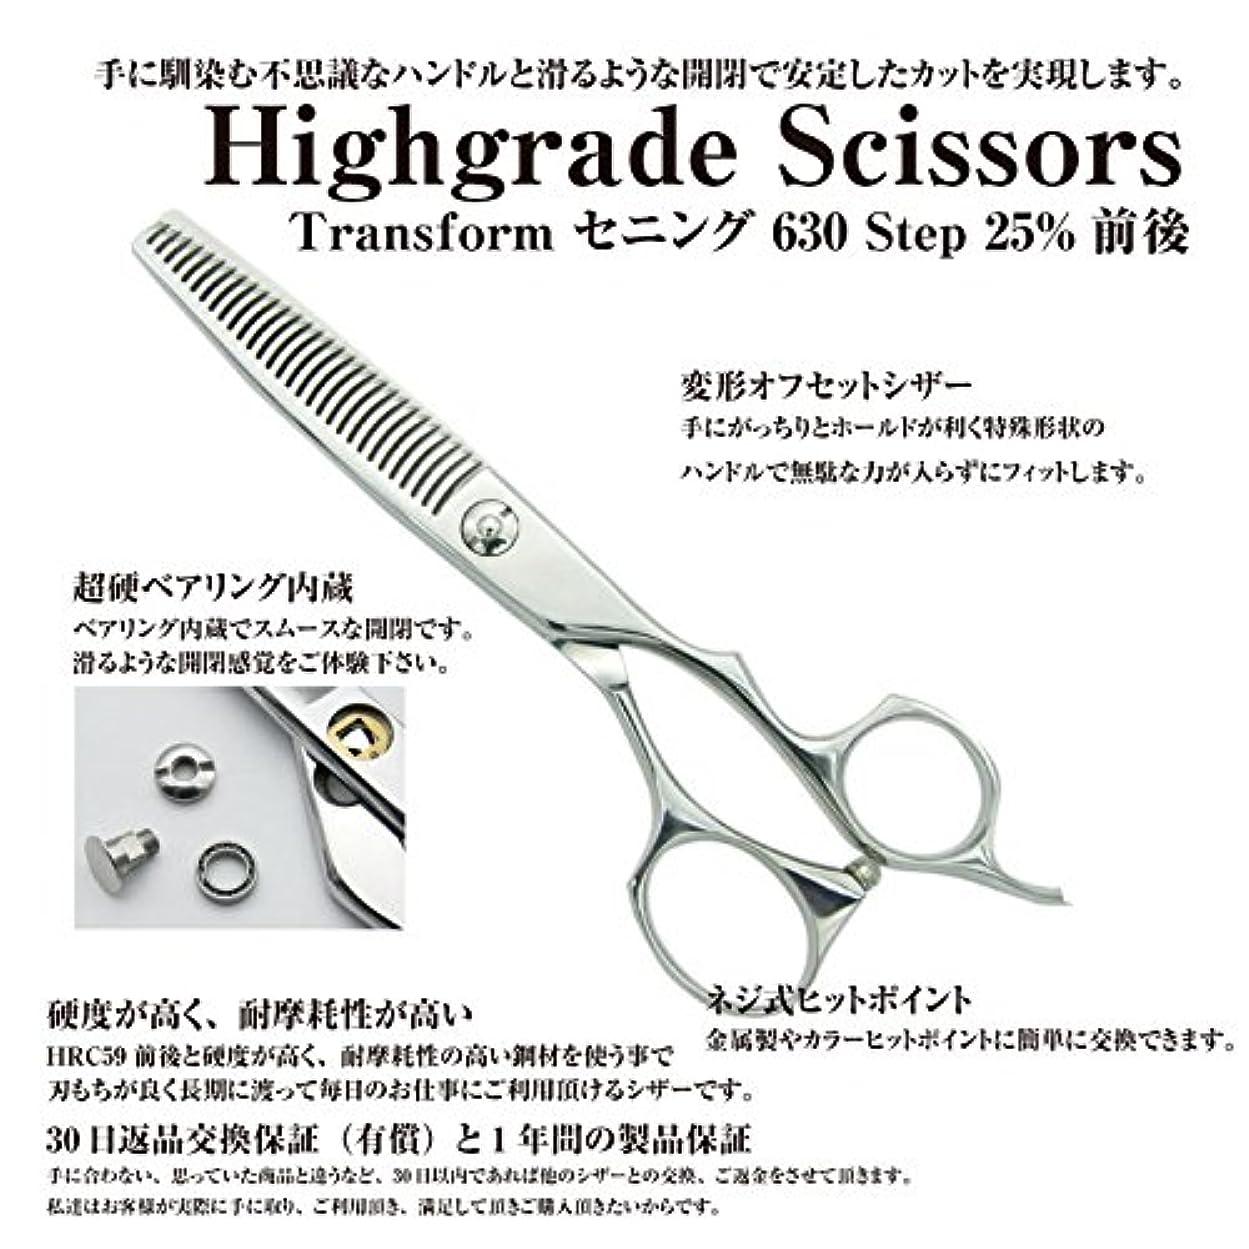 びんちらつき揮発性Professional series Transform セニング 630 Step 25%前後/ 美容師 理容 理容師 散髪 すきばさみ セニング